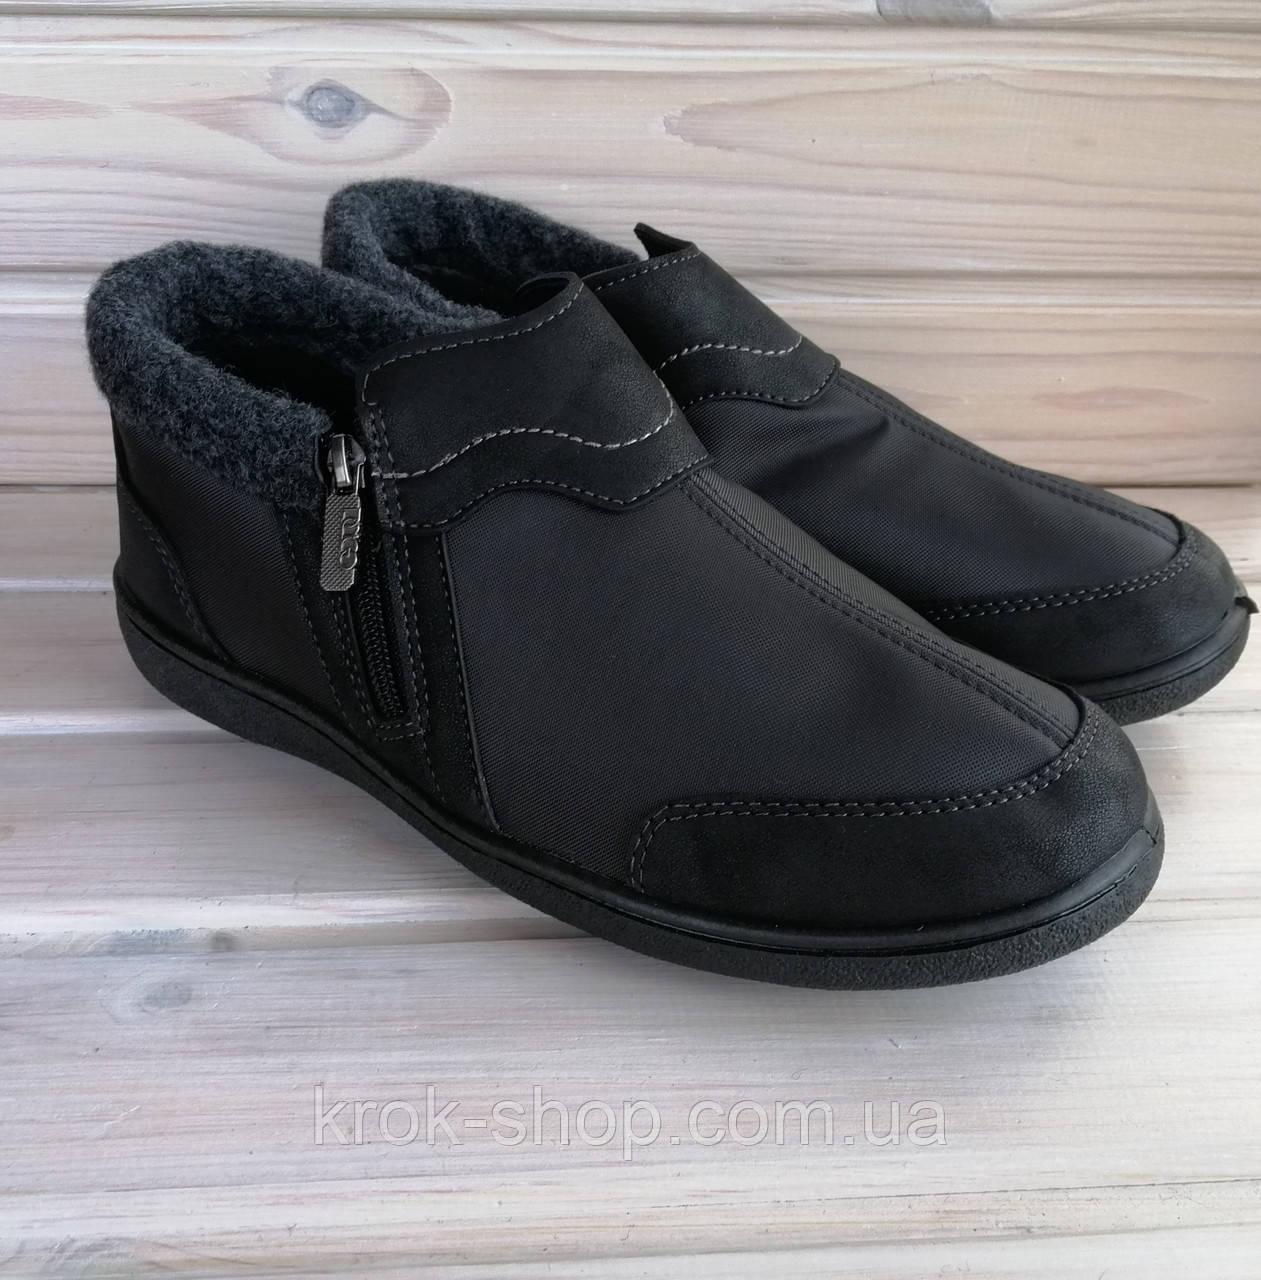 Ботинки мужские утепленые мехом Даго Стиль оптом